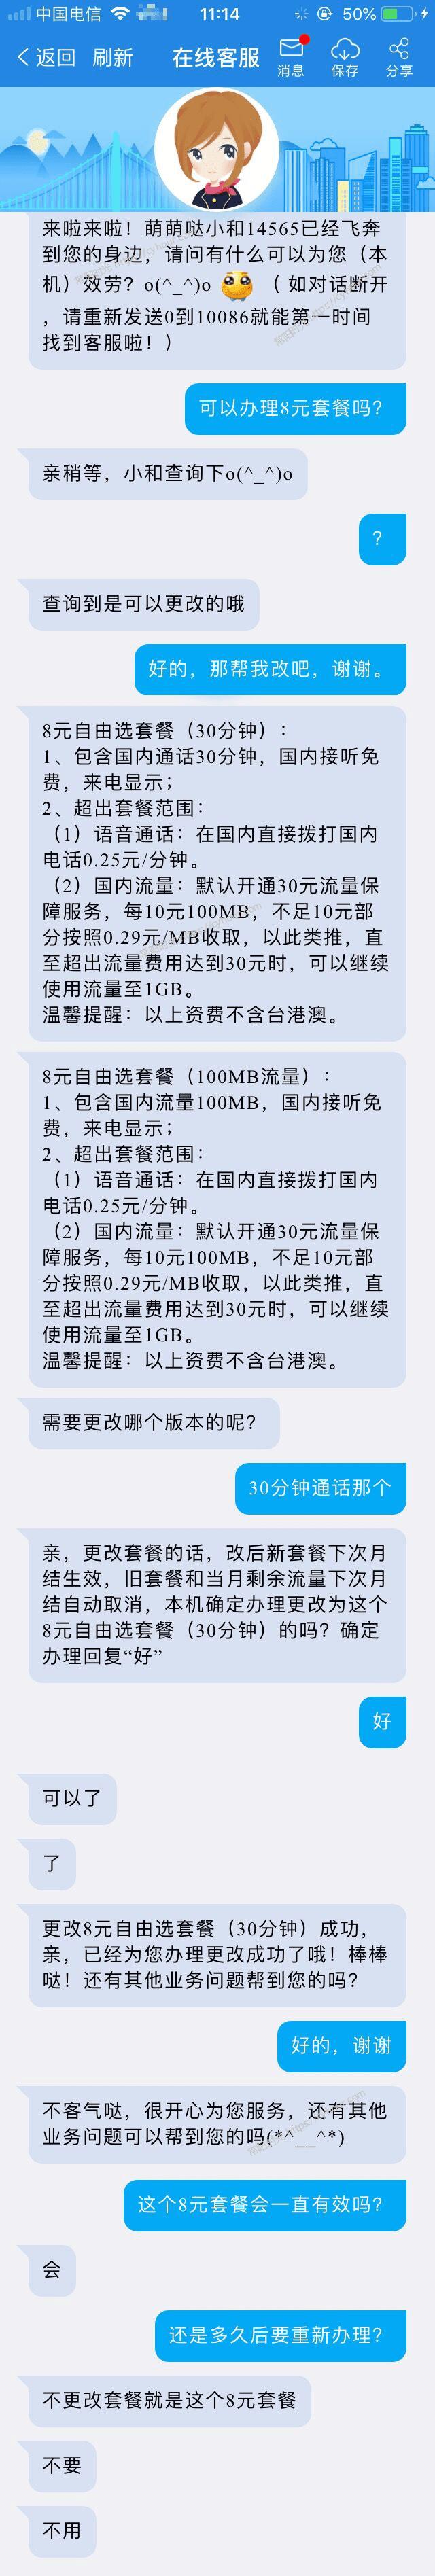 974-8yuan